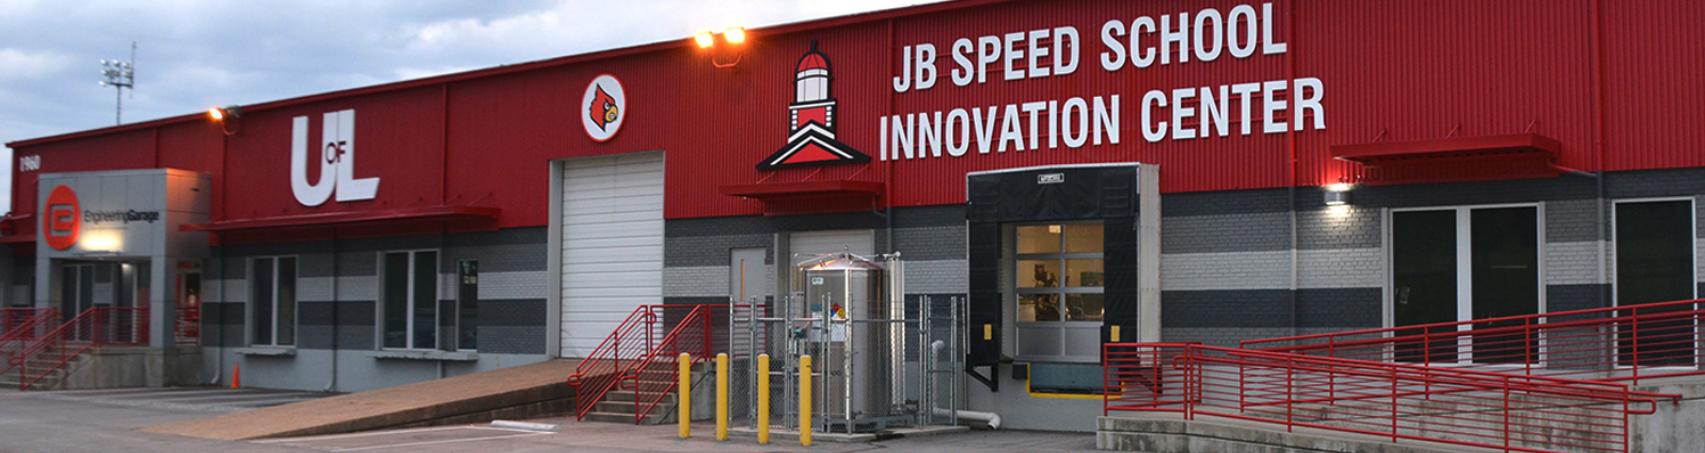 University of Louisville J.B. Speed School